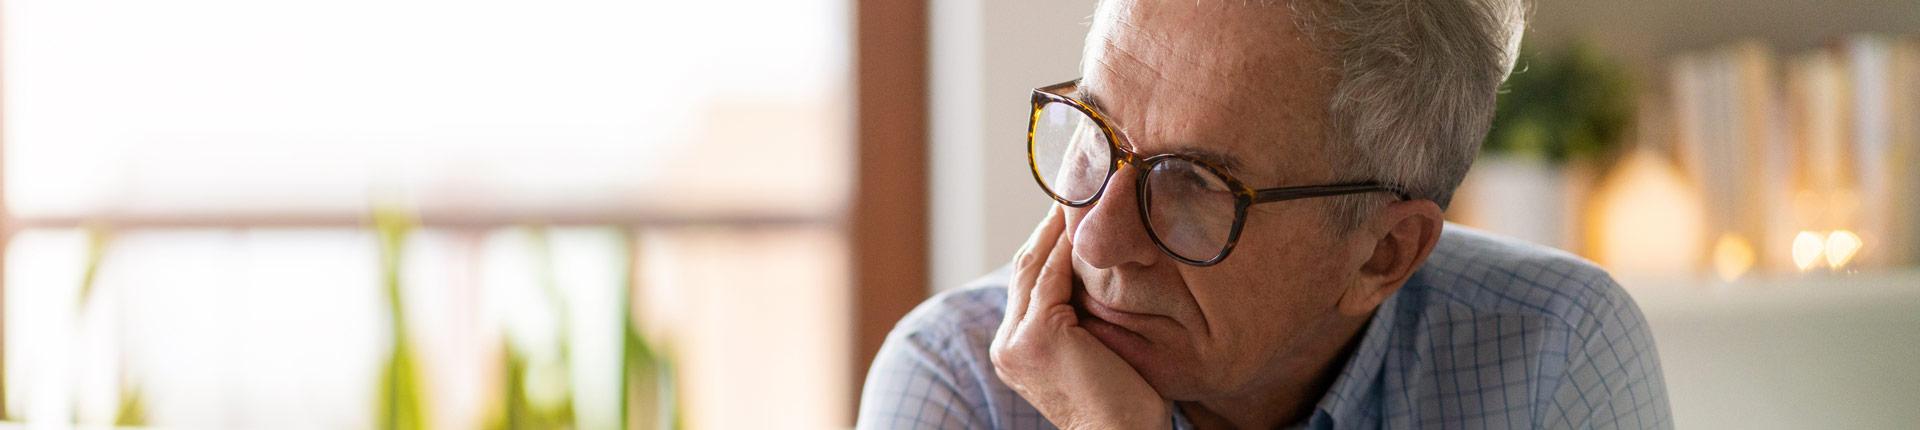 Niebezpieczna utrata masy mięśniowej u seniorów - jak ją ograniczyć?